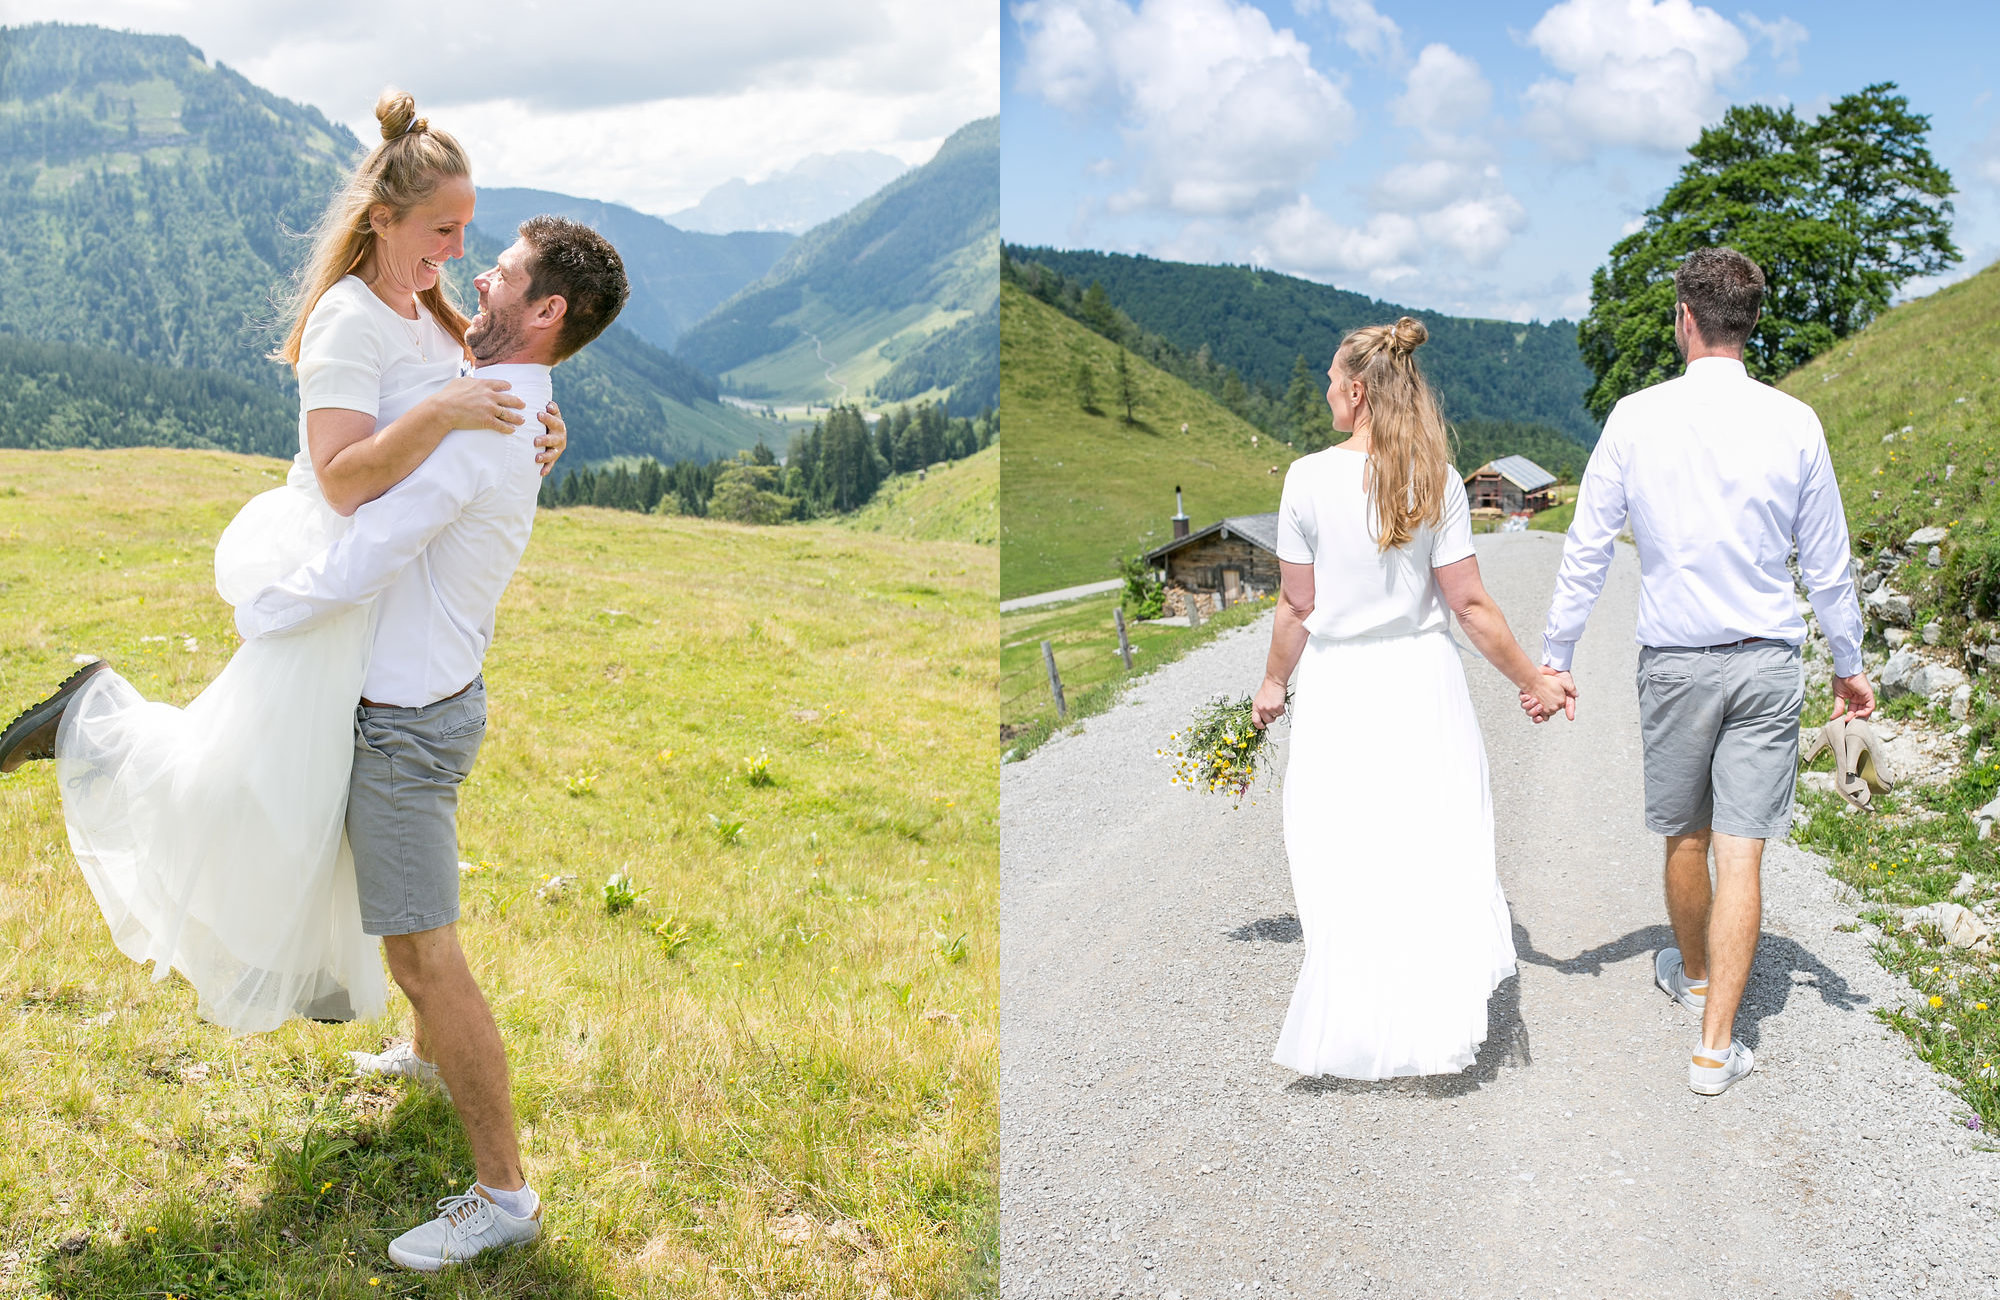 Berghochzeit, Heiraten in den Bergen, Hochzeit in den Bergen, Almhochzeit